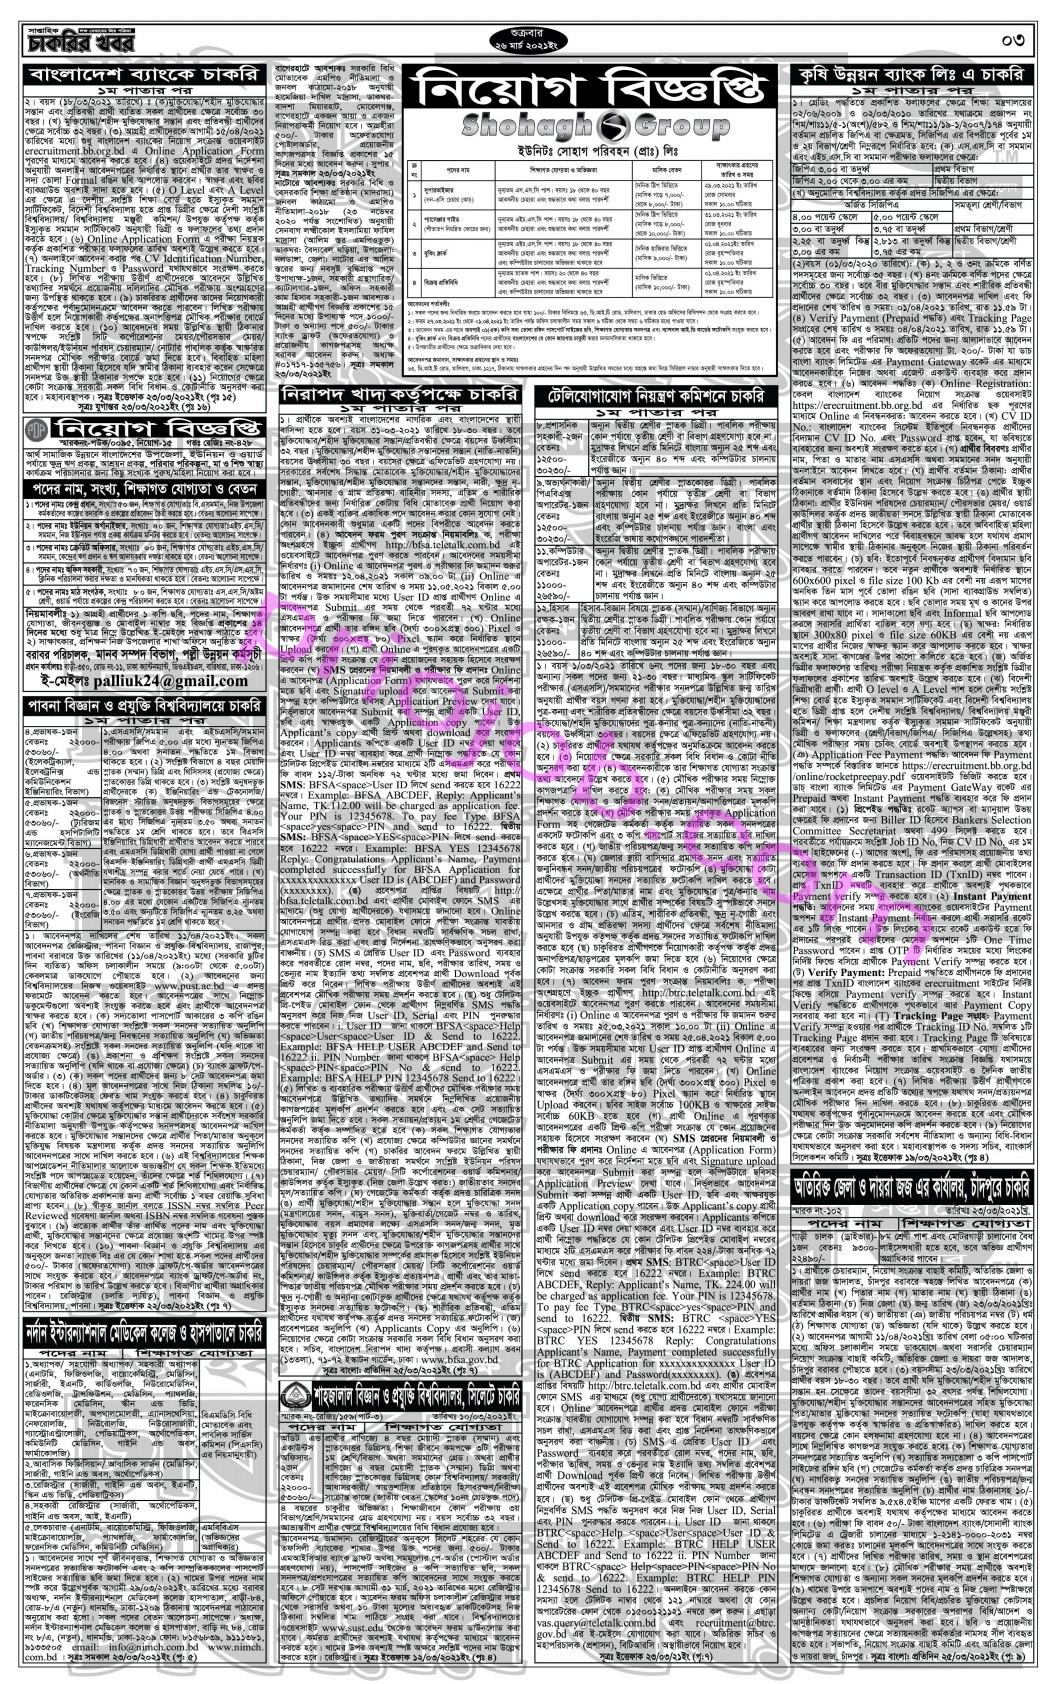 সাপ্তাহিক চাকরির খবর ২৬ মার্চ ২০২১-চাকরির খবর পত্রিকা ২৬/৩/২০২১ | Saptahik Chakrir Khobor Patrika 26 March 2021 PDF Download